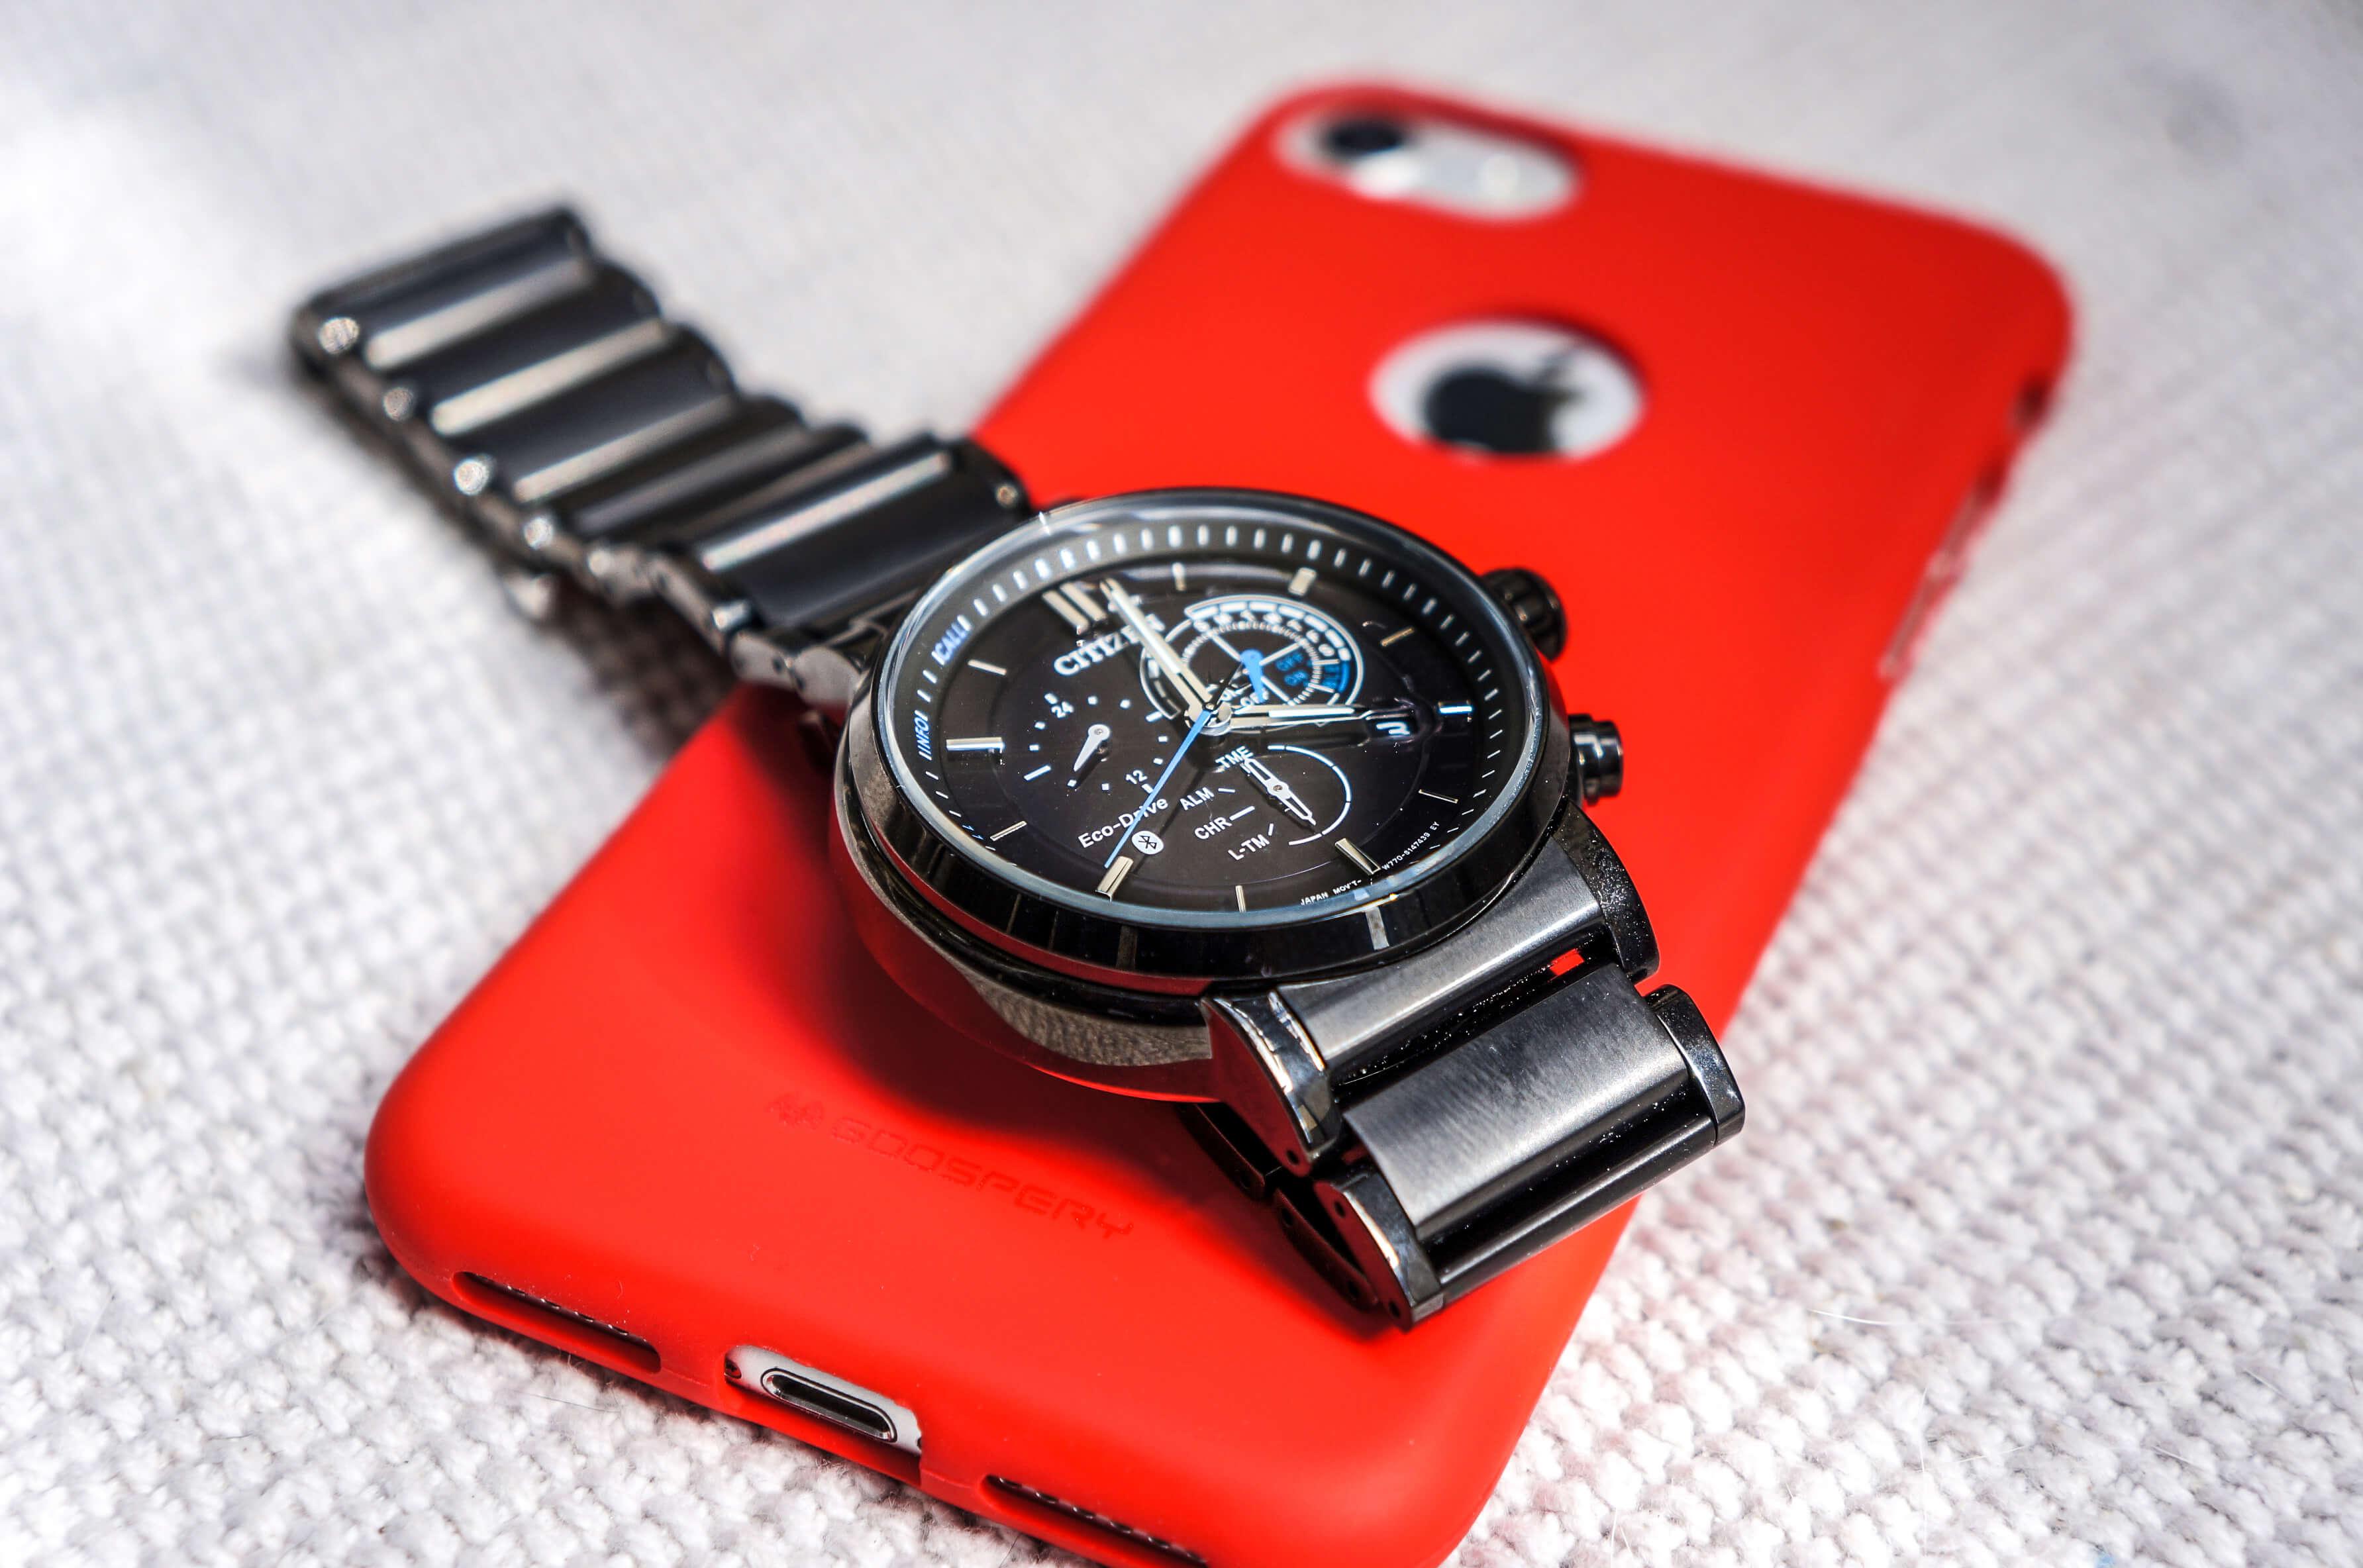 Eko zegarek, którego bateria nigdy się nie kończy. Nowy